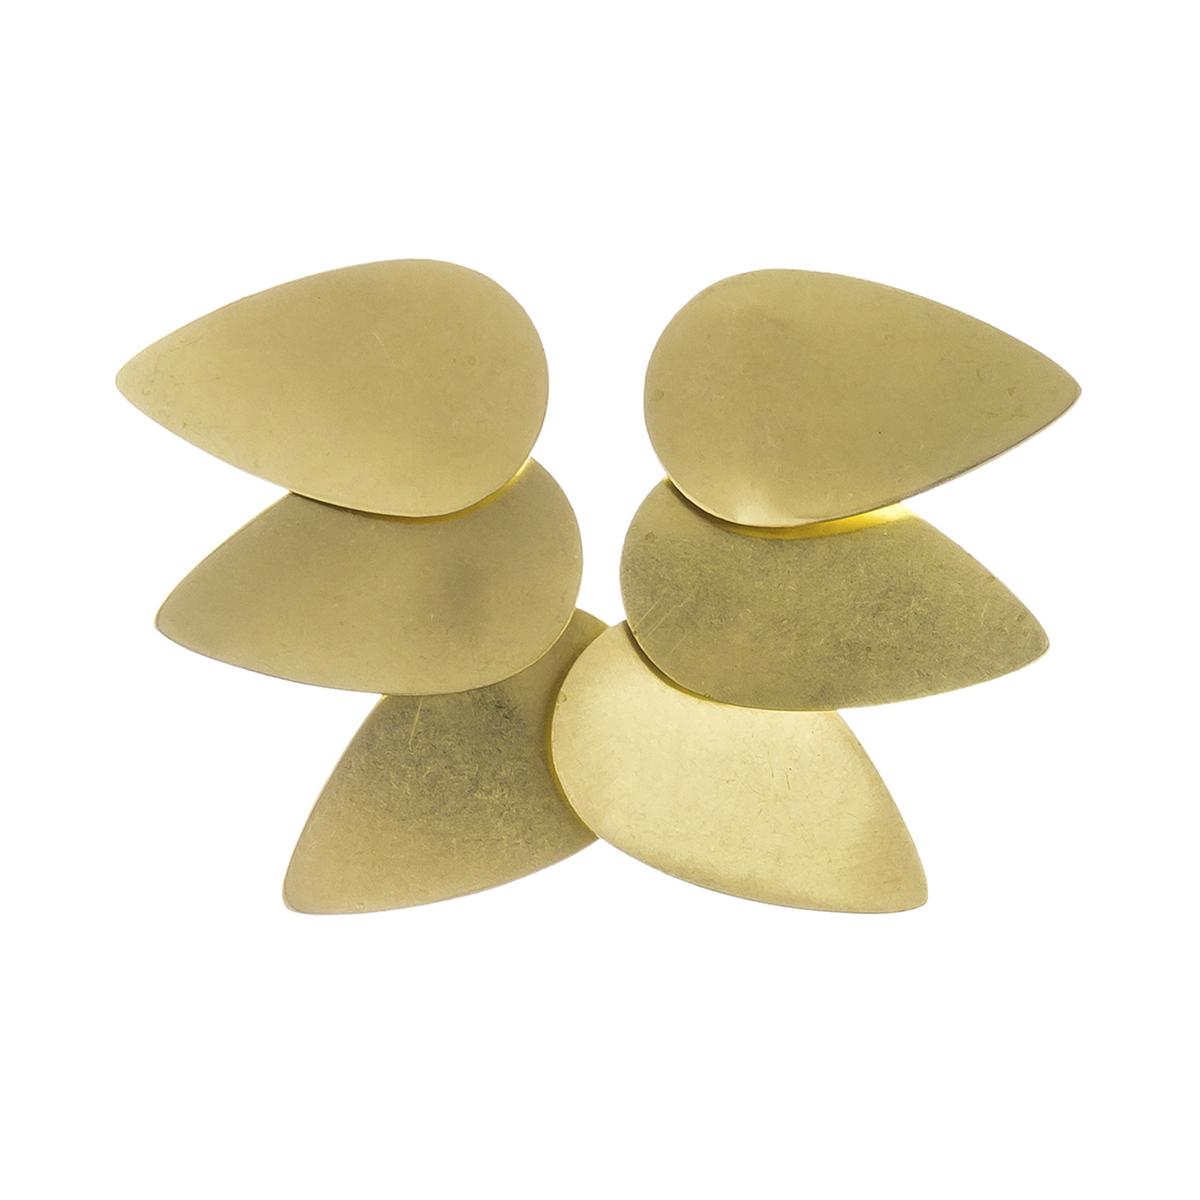 Brass drops earrings by Sibilia